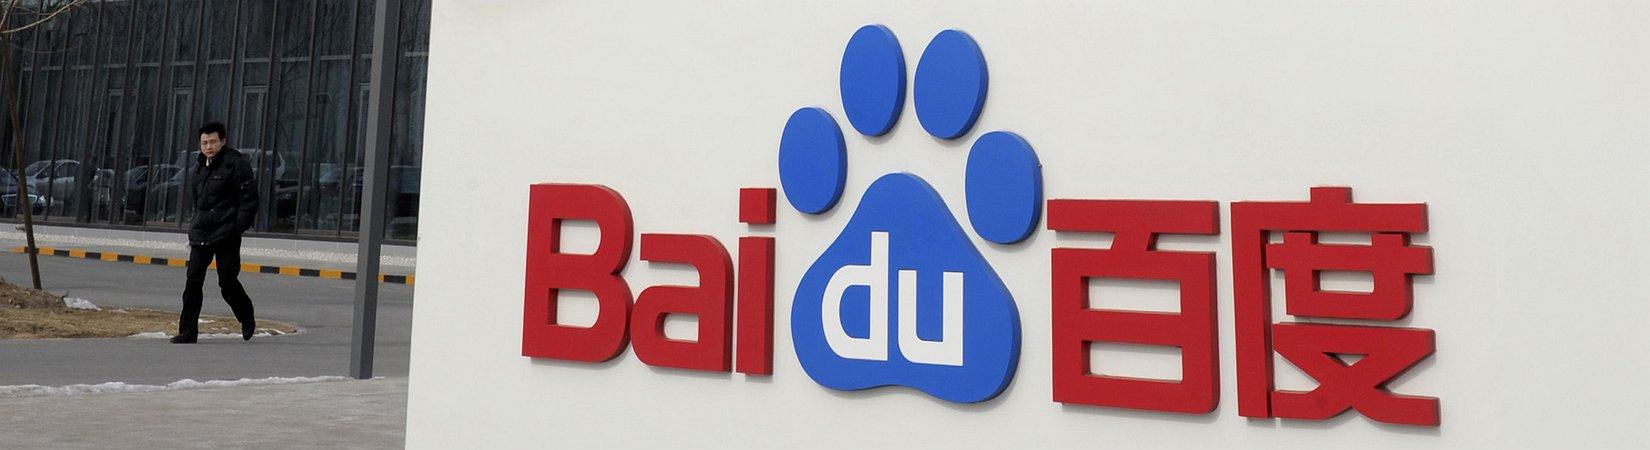 كيف يكسب عملاق التكنولوجيا الصيني Baidu المال